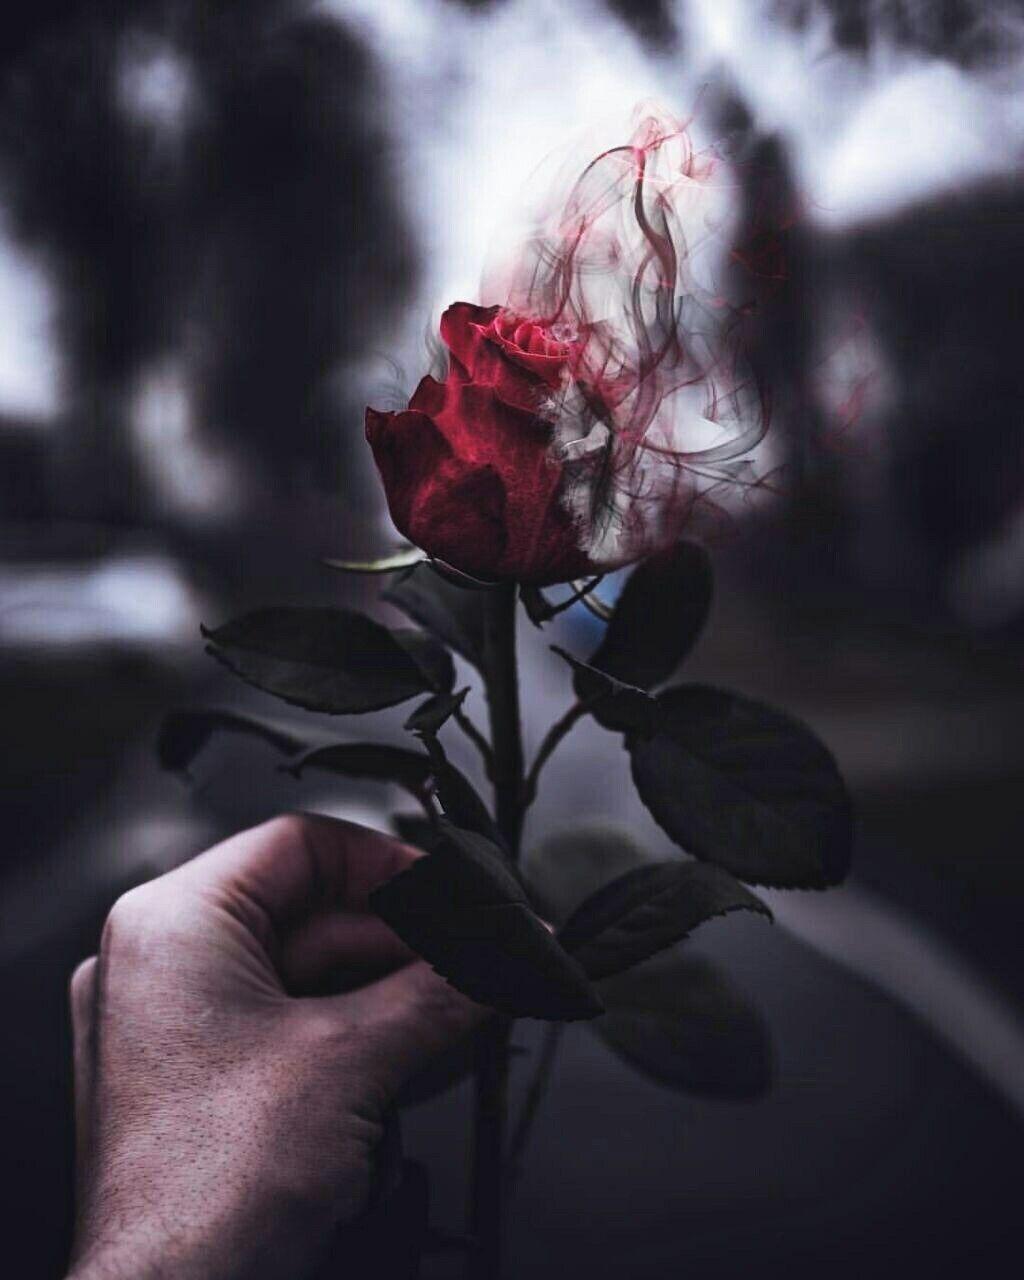 Rose Roses Red Humo Grunge Tumblr